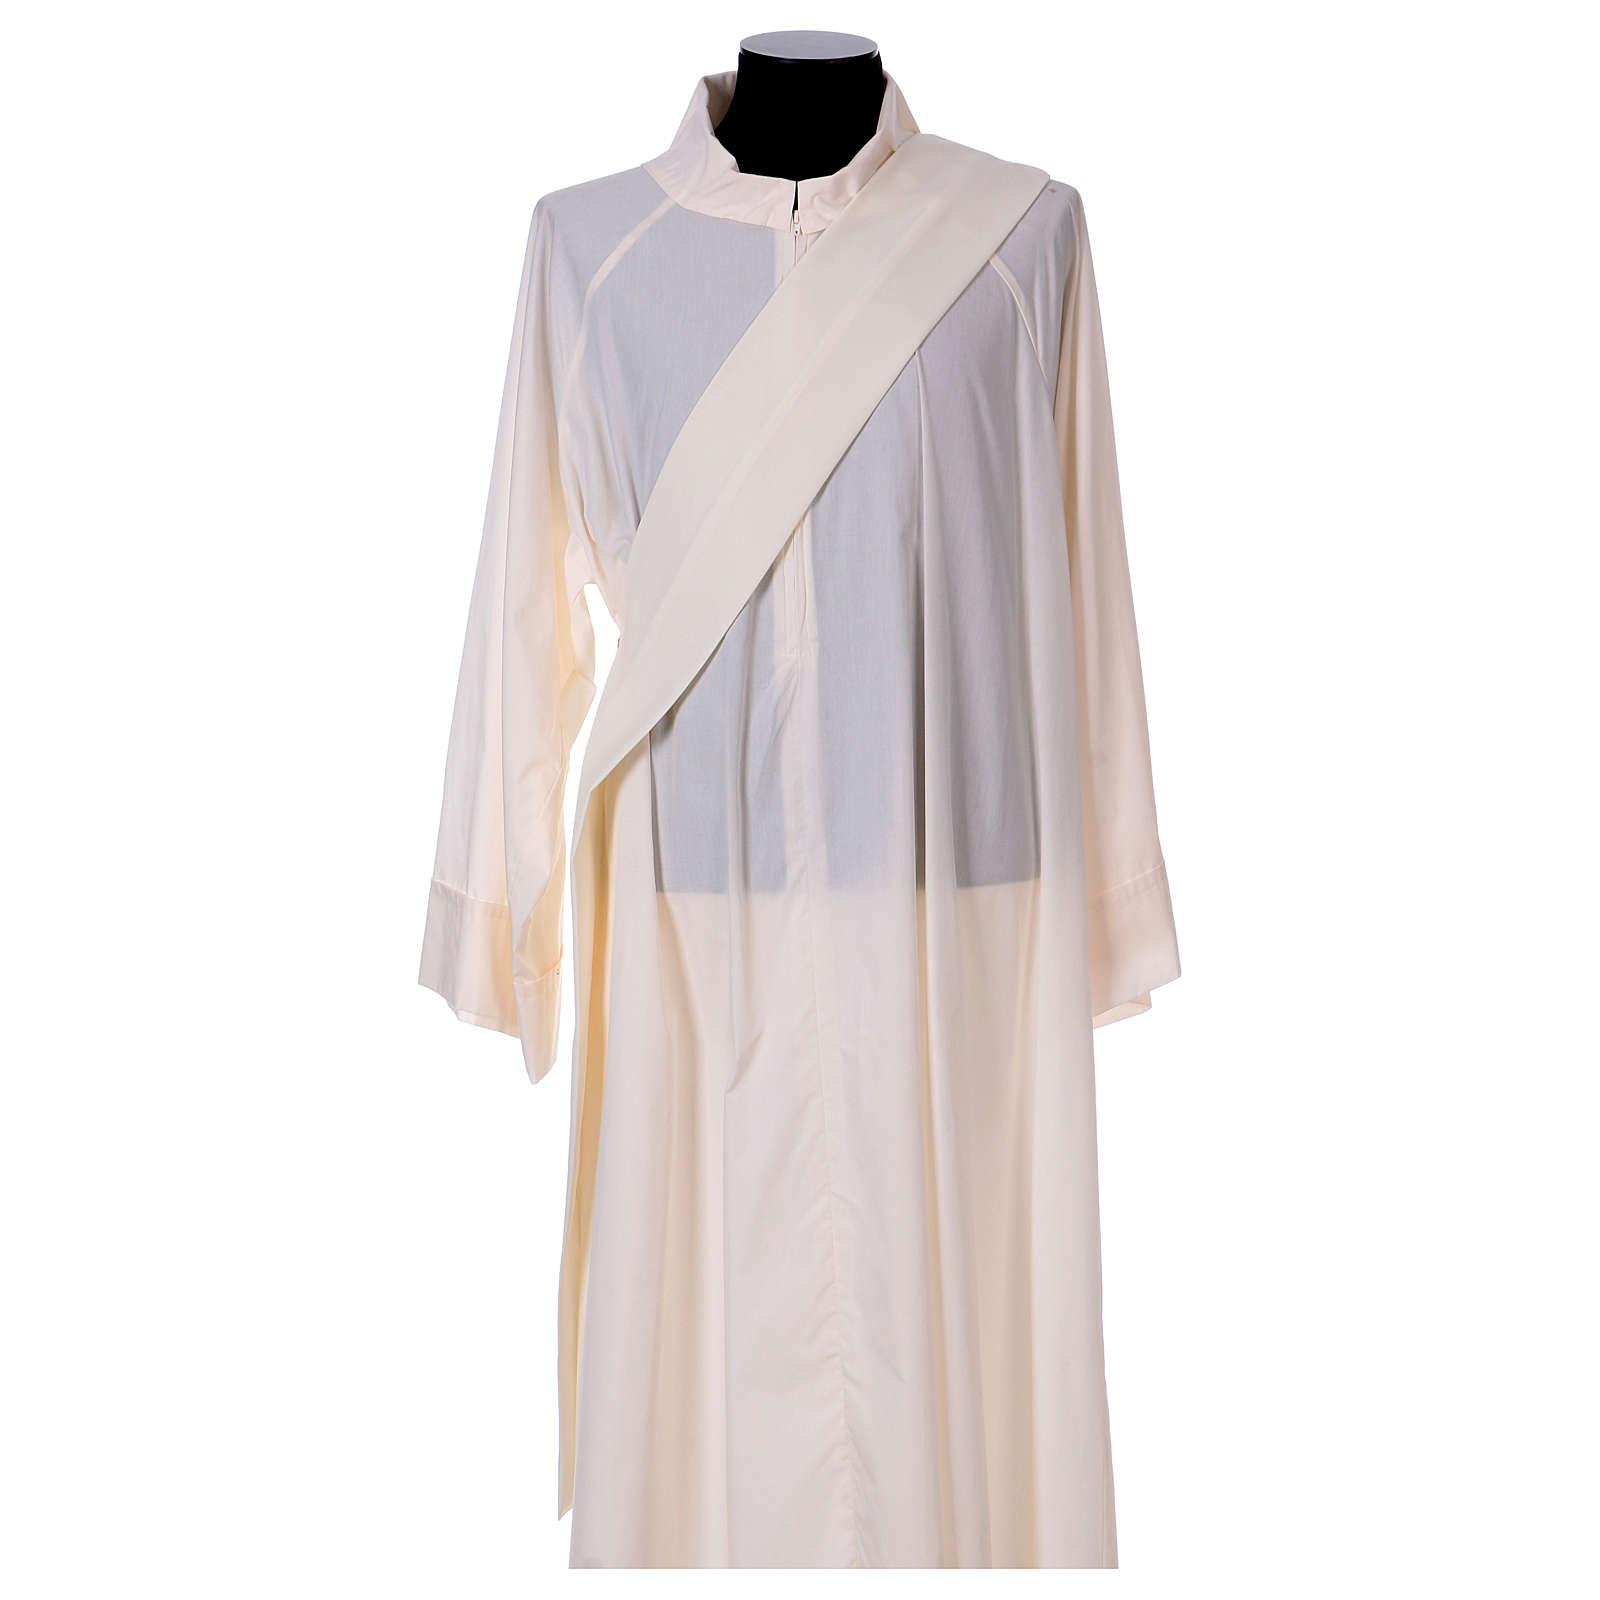 Dalmatyka Maryjna stokrotki przód tył tkanina Vatican 100% poliester 4